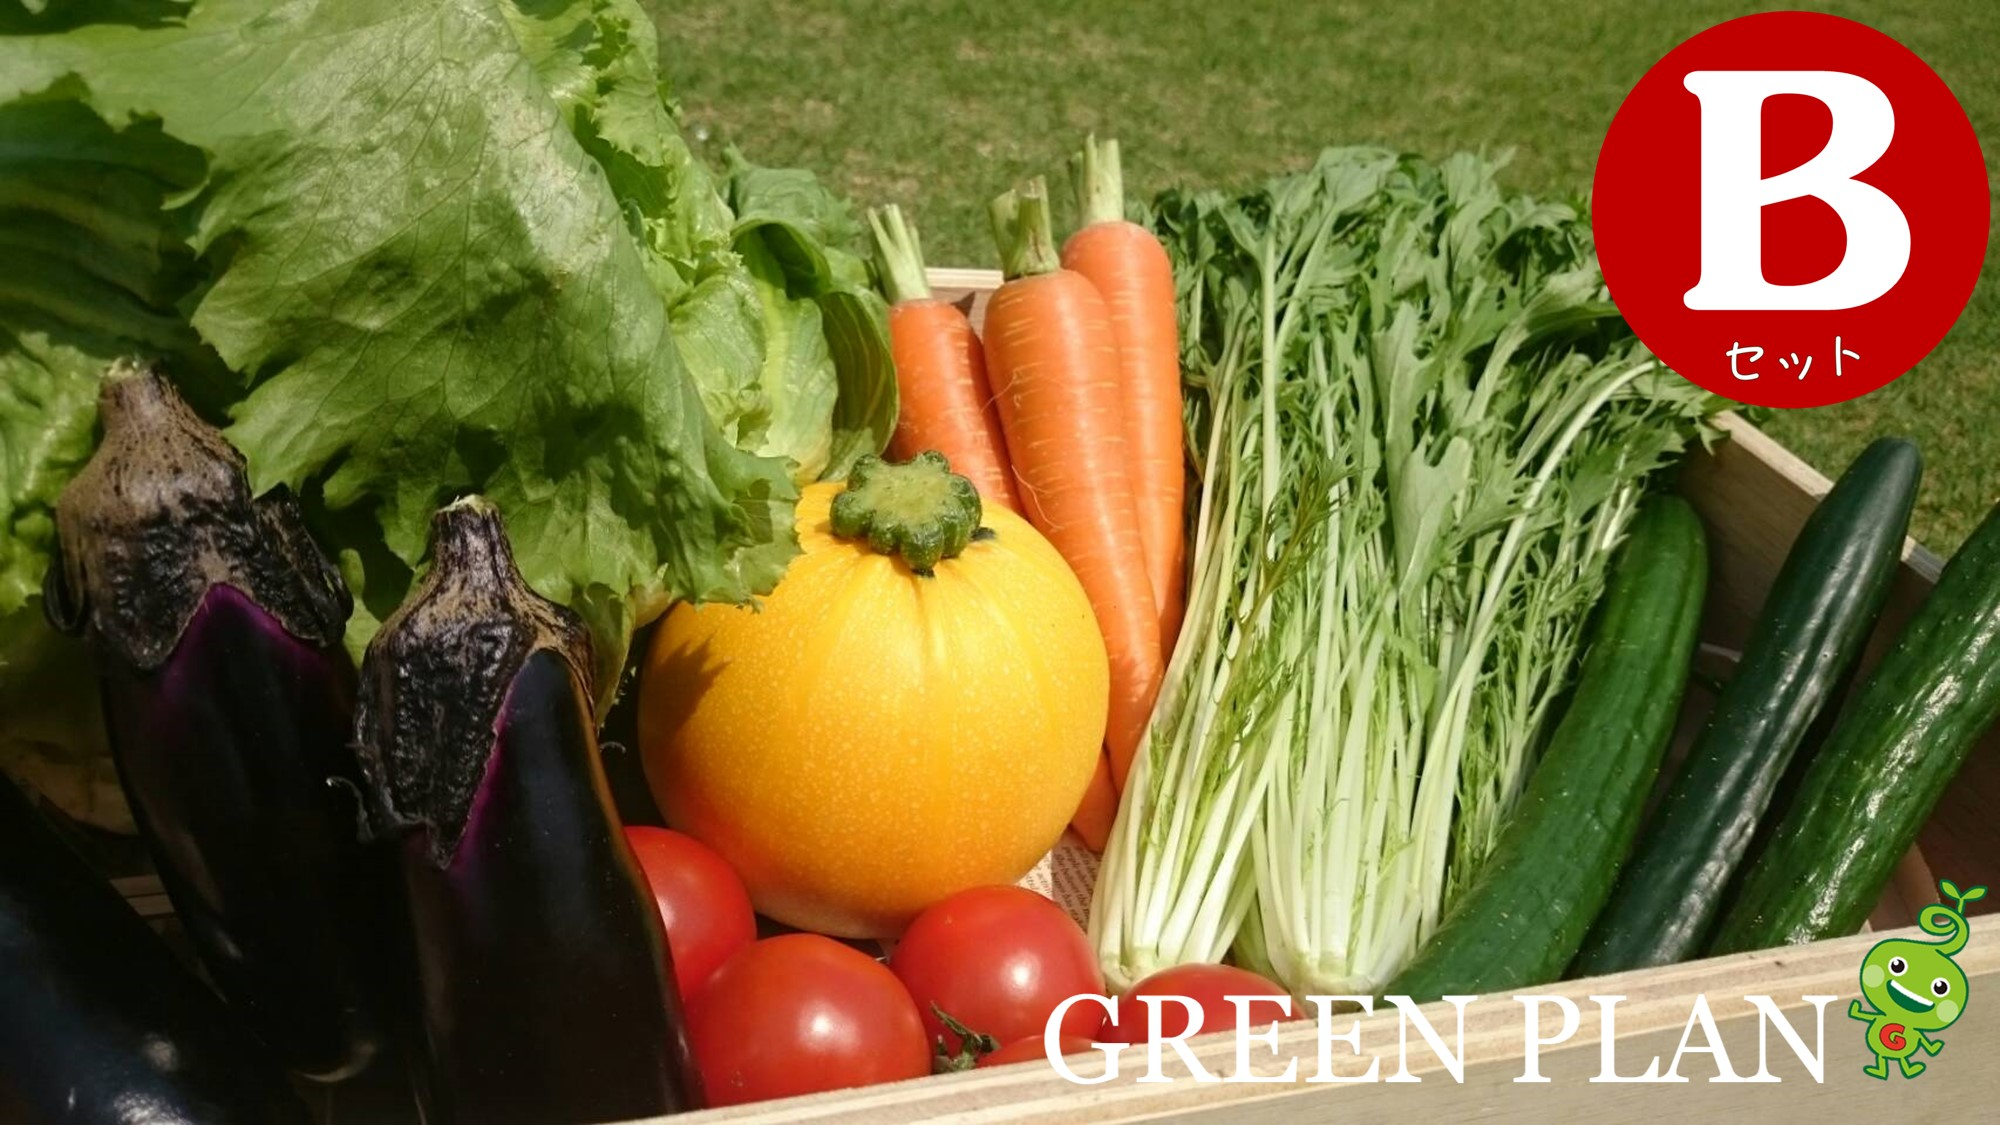 旬の野菜7種+果物・お米など詰合せBセット